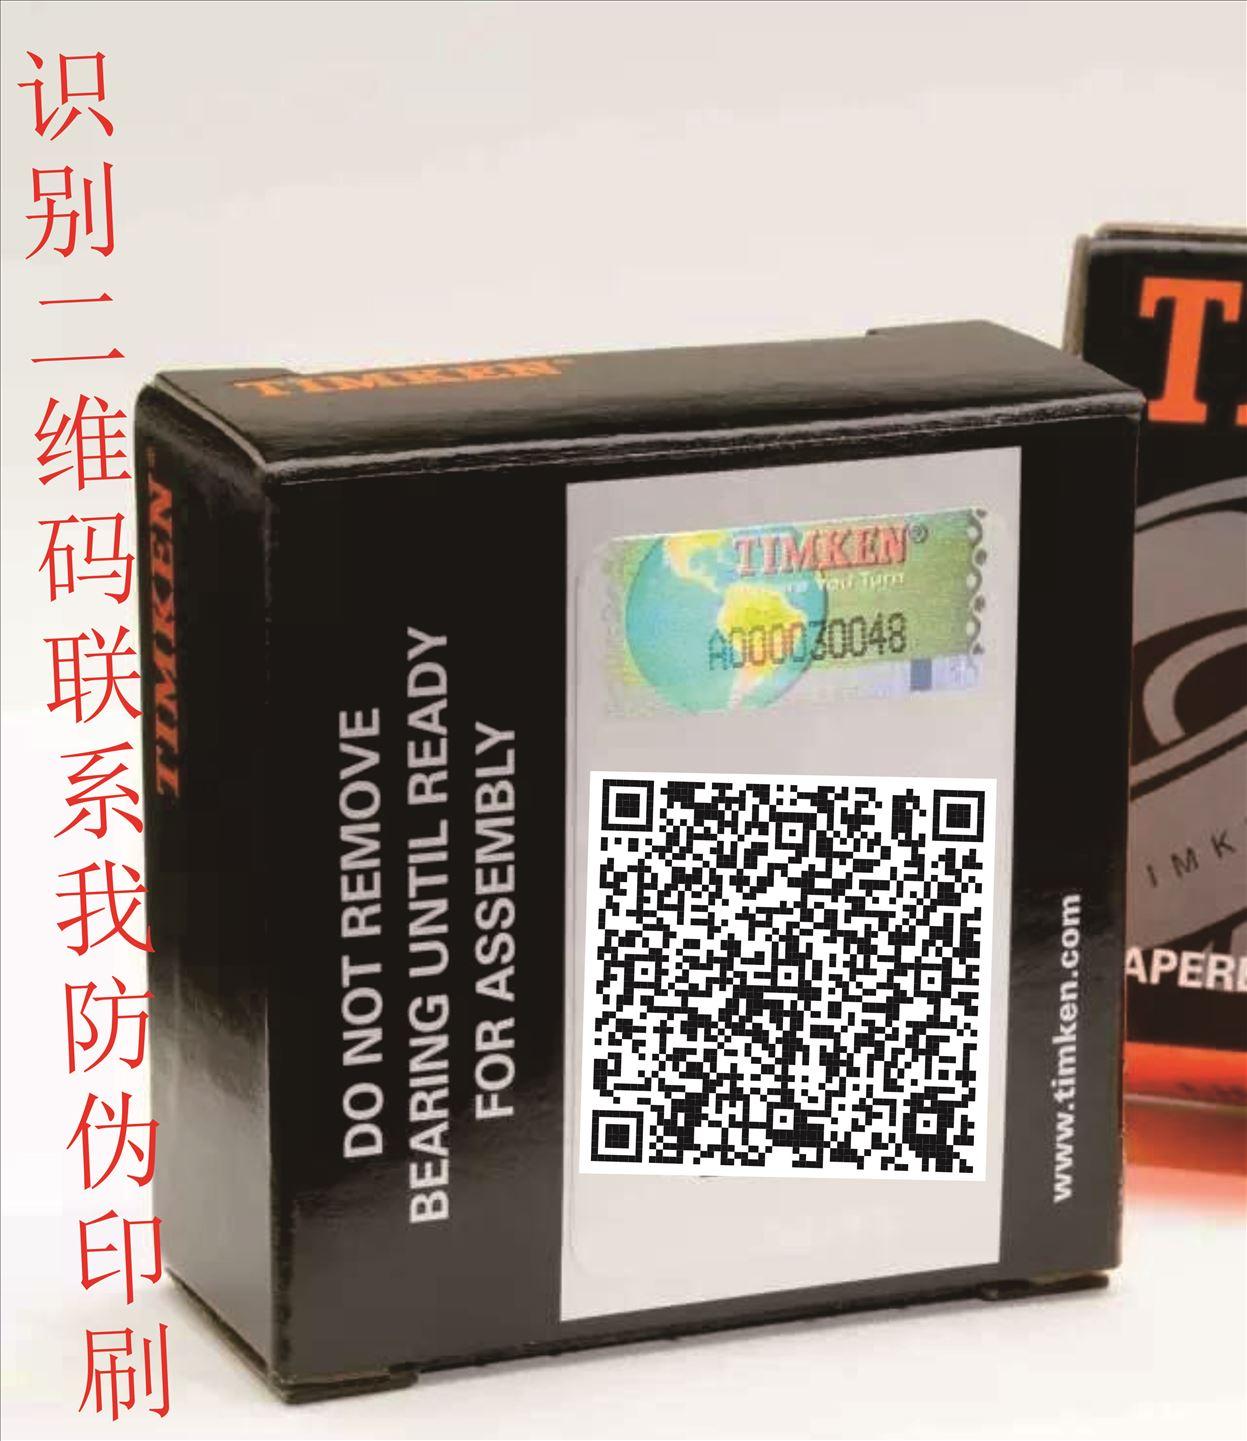 第三方防伪溯源技术服务商,NFC电子标签等等,